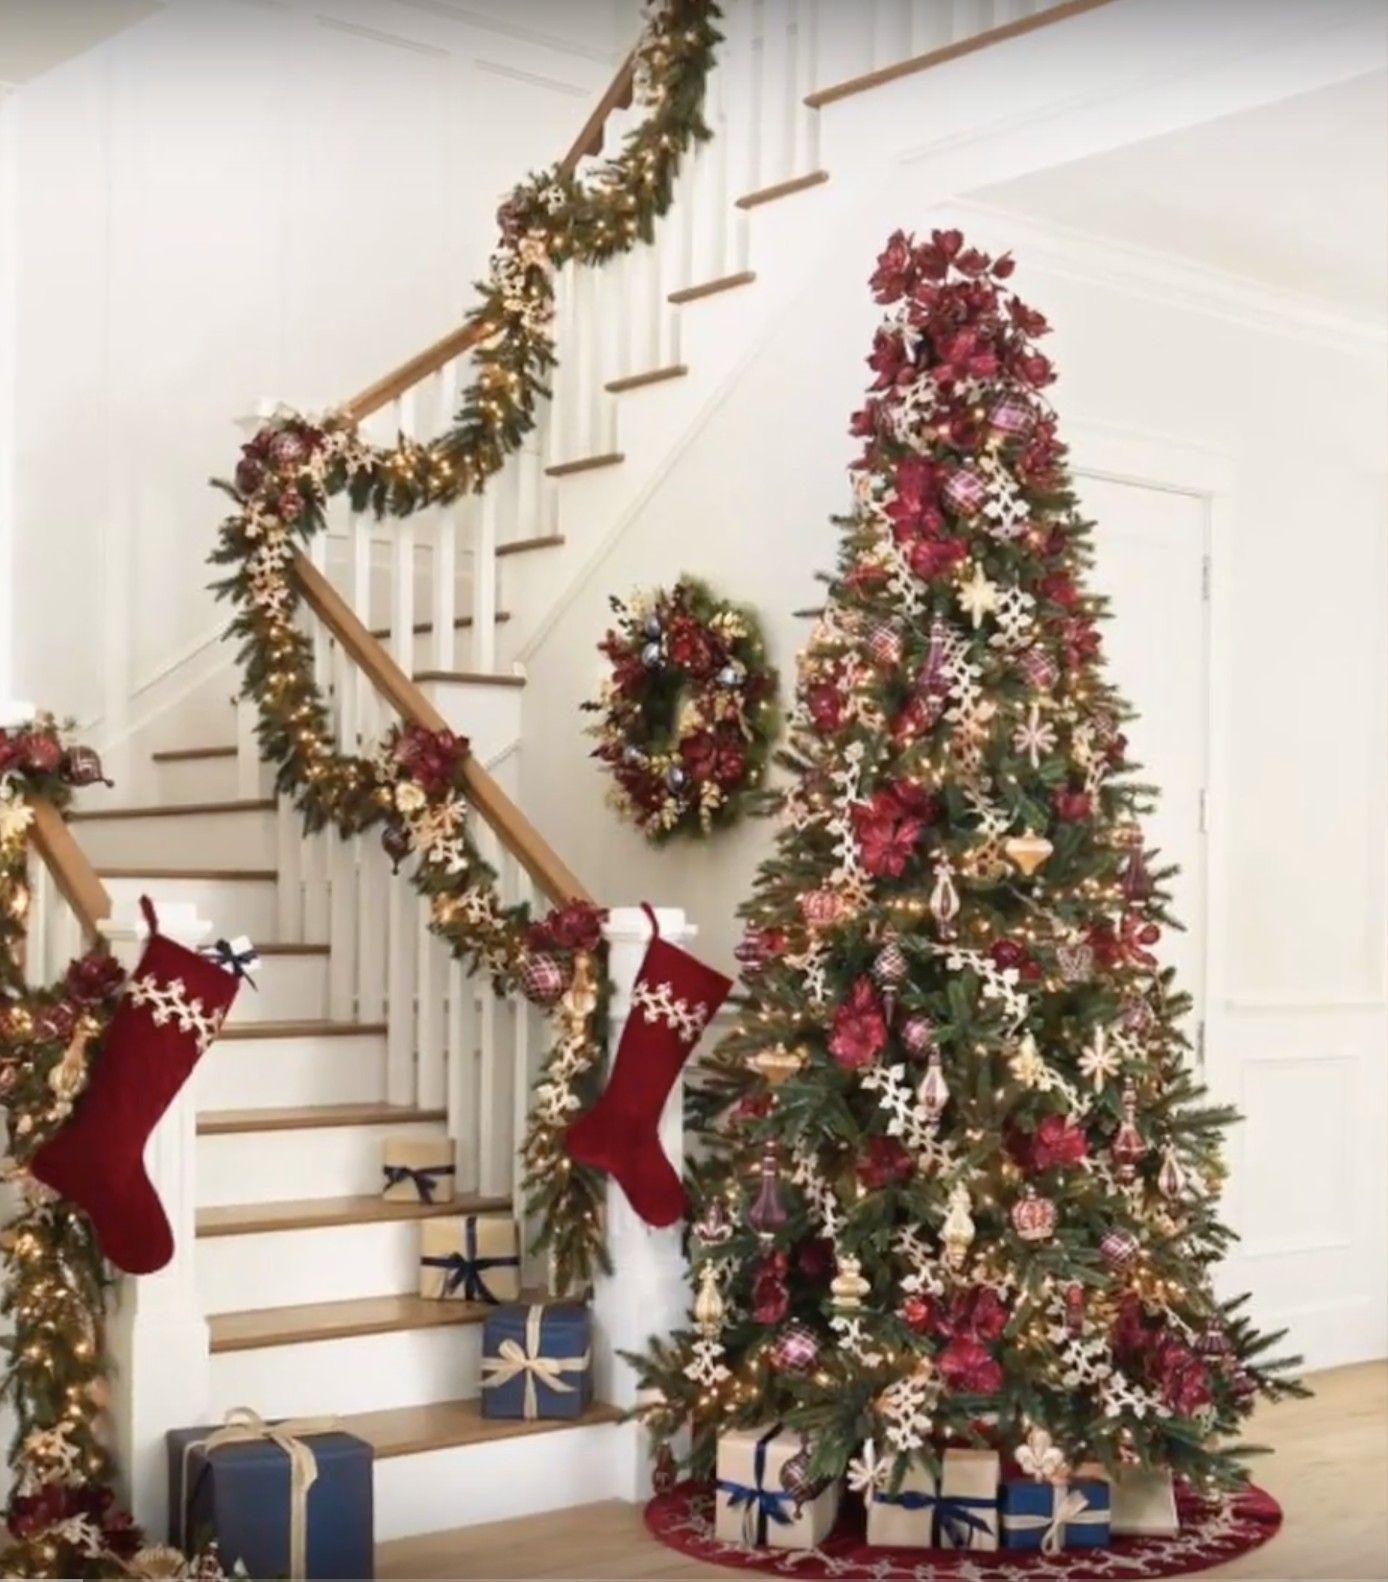 Pin Van Fauve Van Maanen Op Christmas Kerstmis Kerst Kerstdecoratie